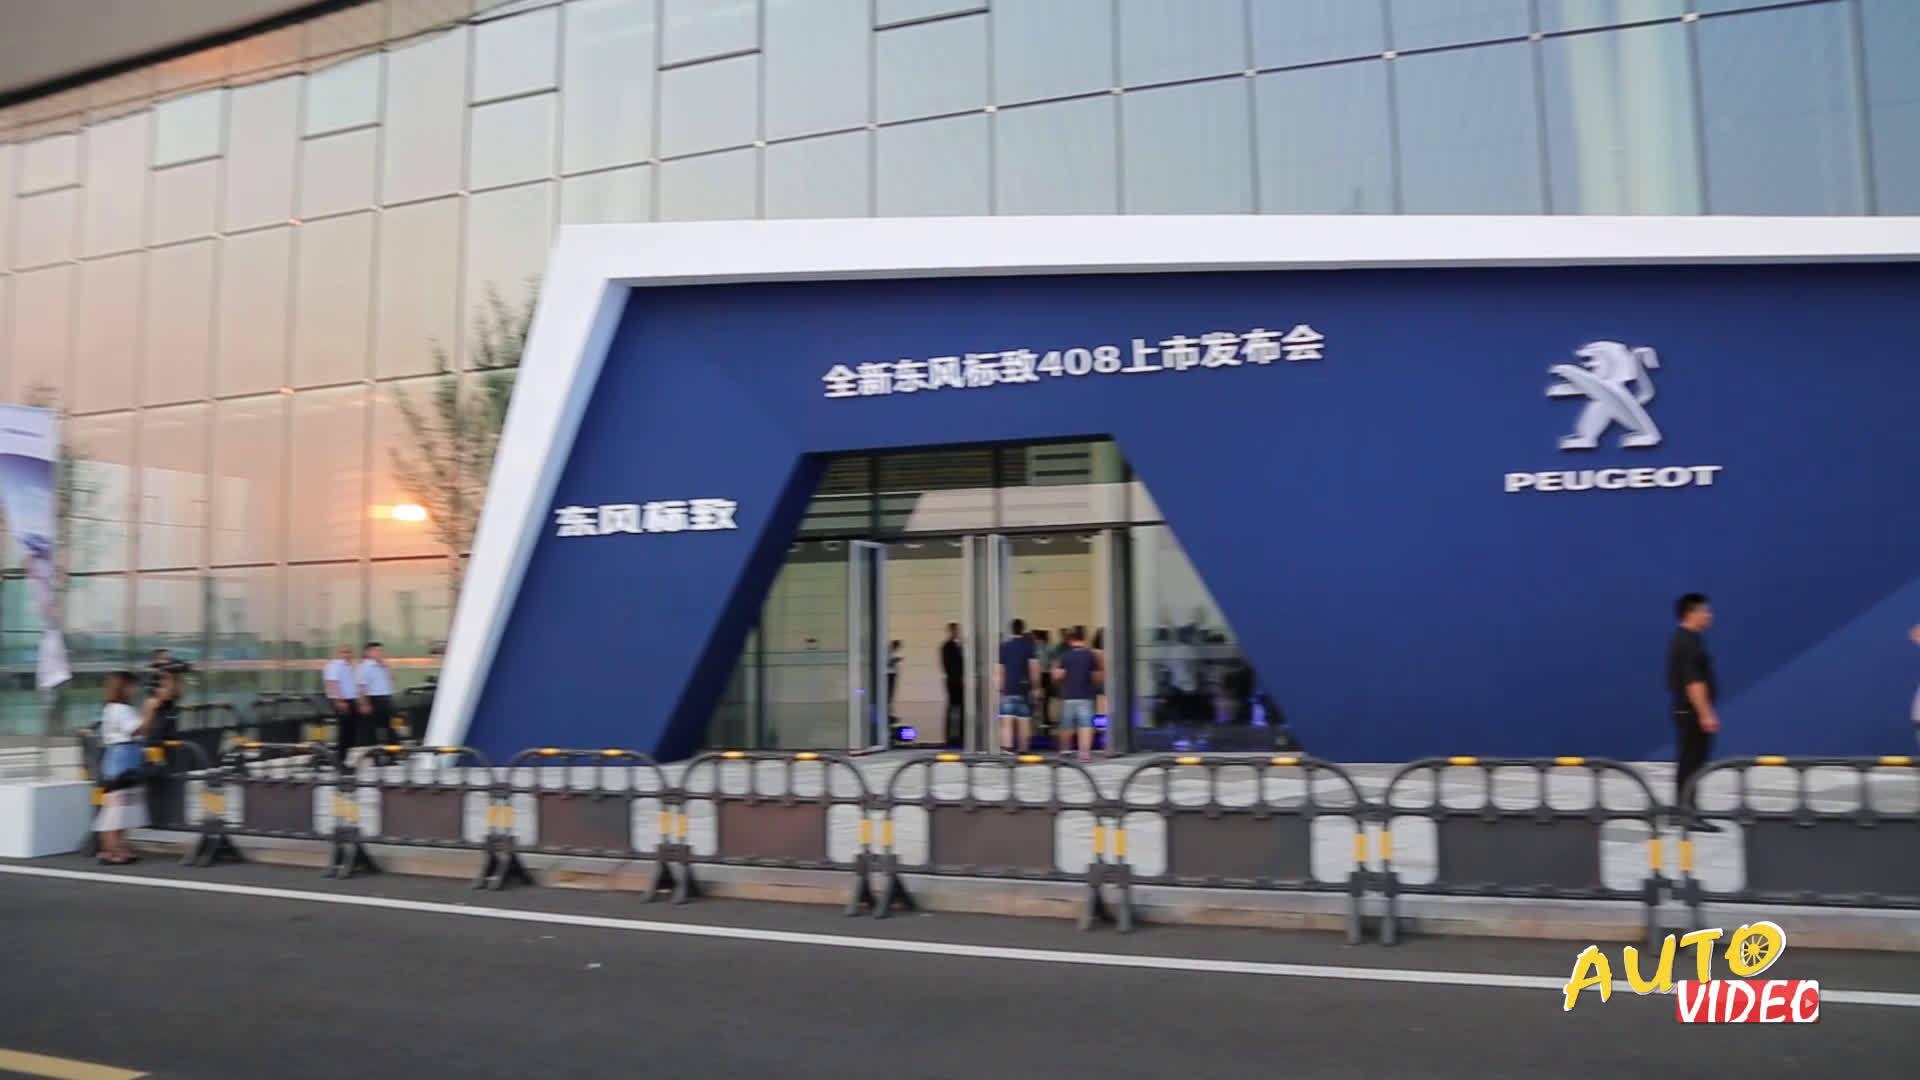 8月29日,感触幸福全新东风标致408在成都正式上市